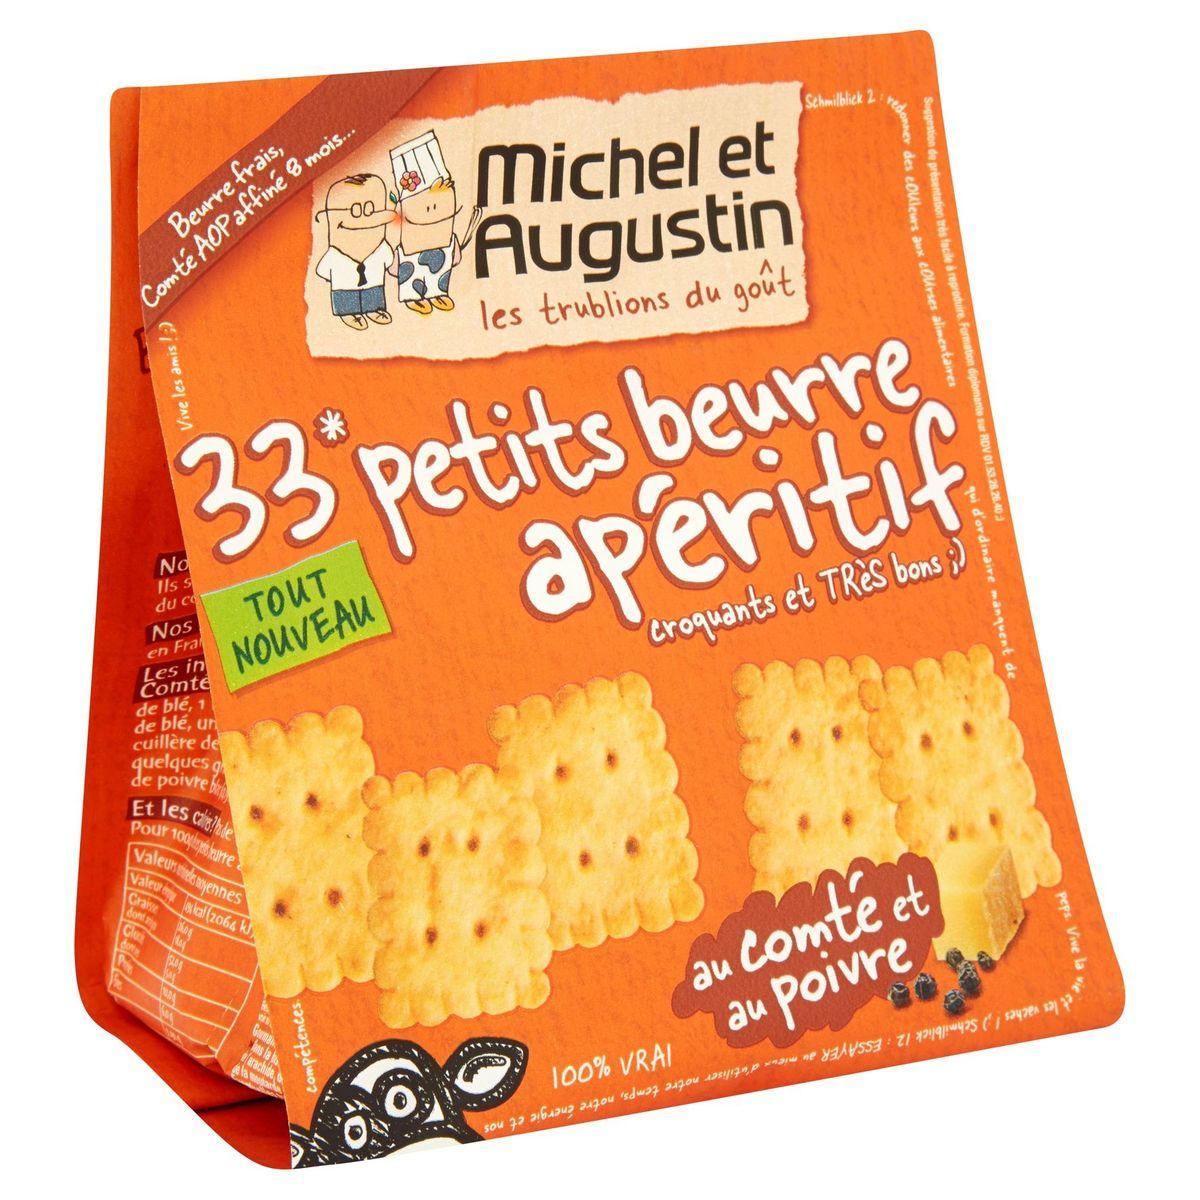 Michel et Augustin 33 Petits beurre apéritif au comté  100 g